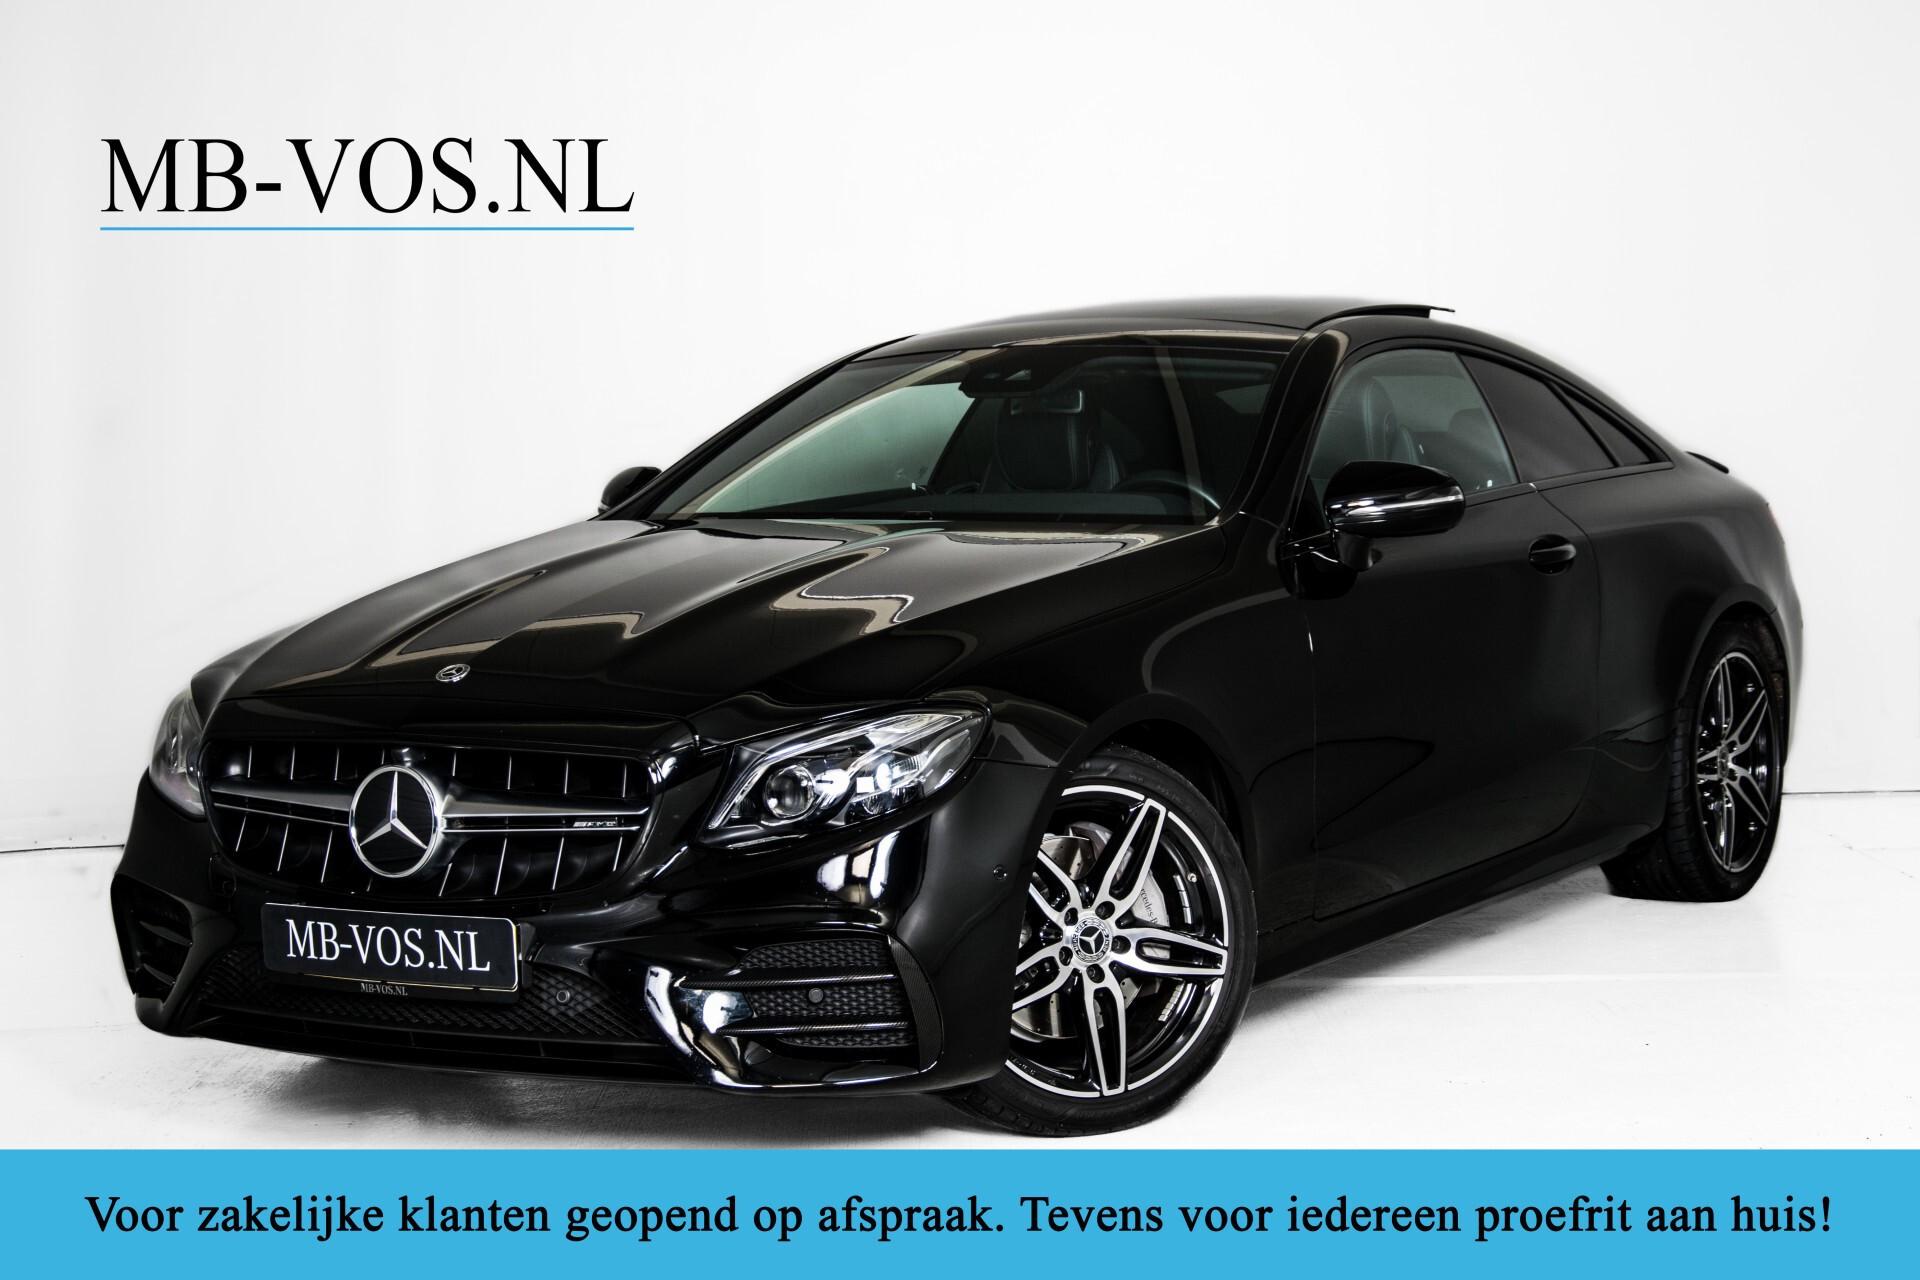 Mercedes-Benz E-Klasse Coupé 200 AMG Panorama/Night/Carbon/Premium/Widescreen/ILS Aut9 Foto 1